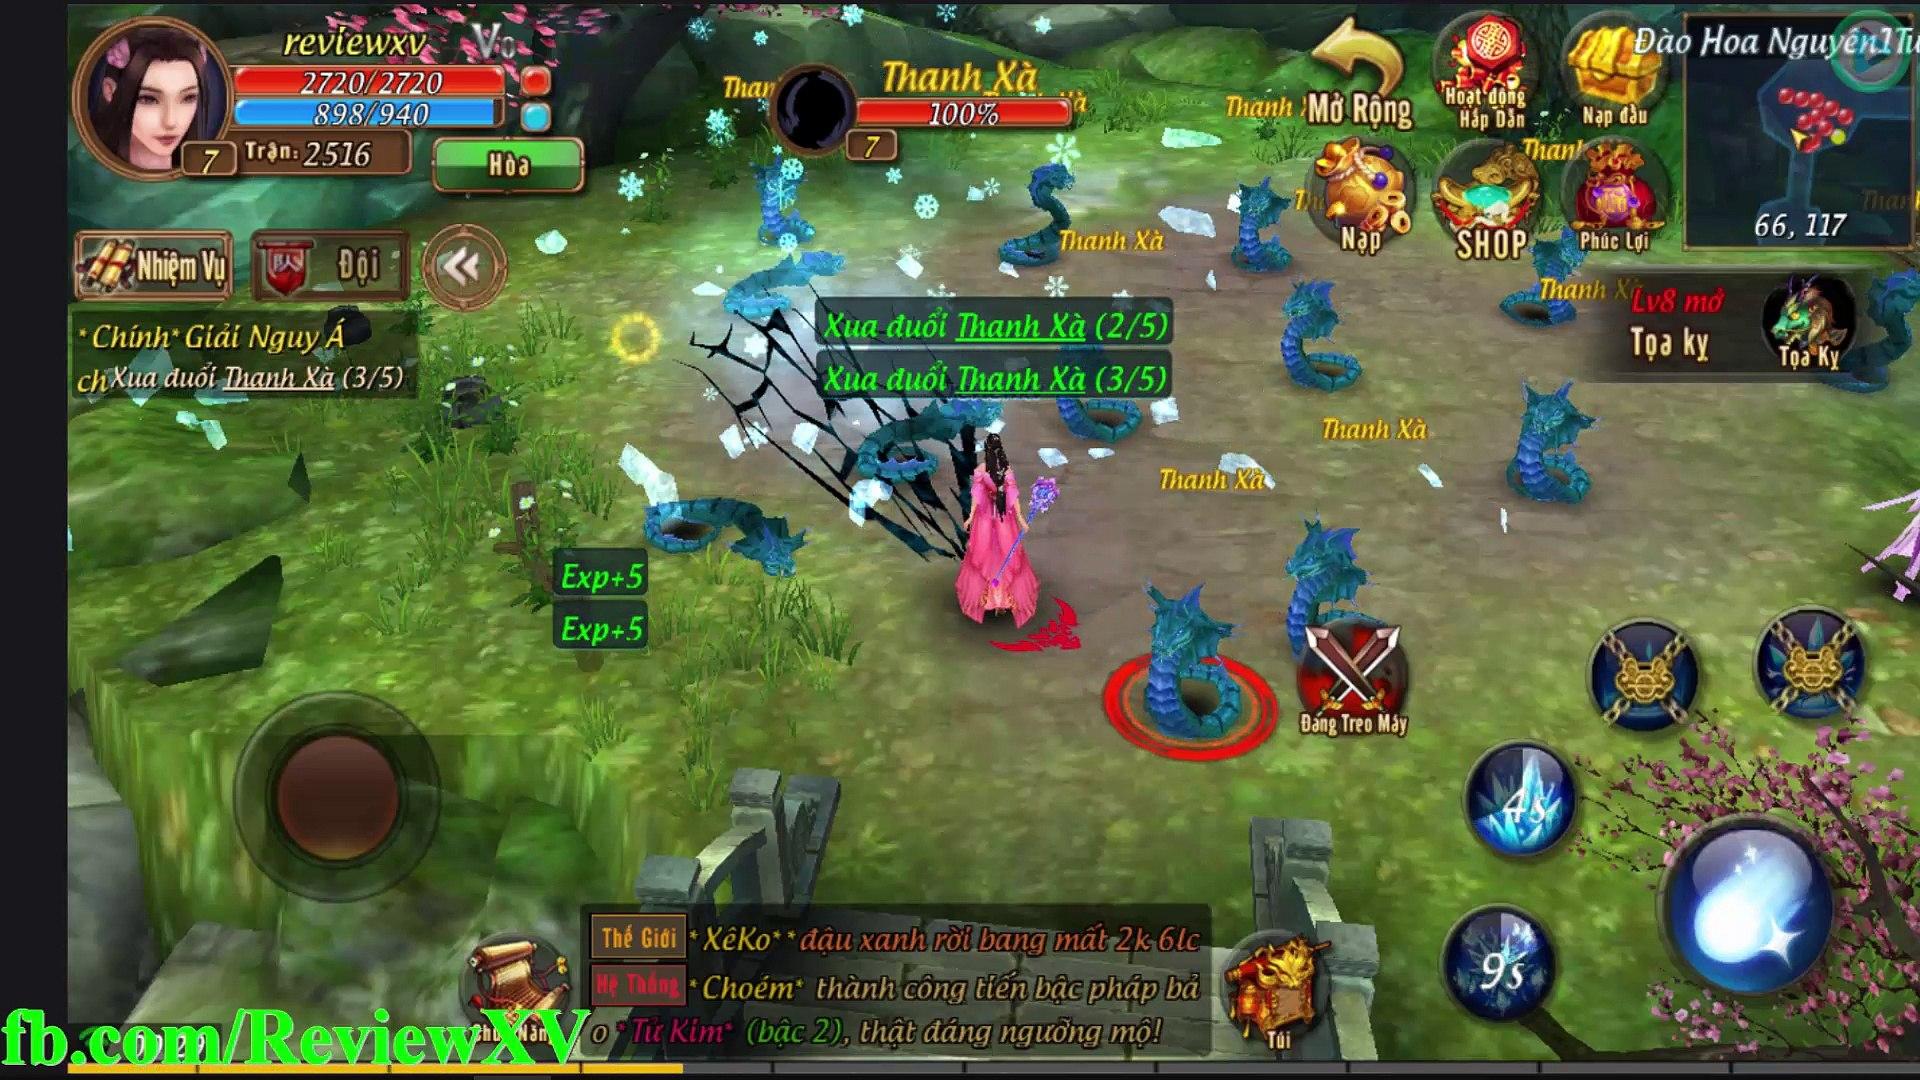 Game Mobile Kiếm Đảng Giang Hồ Game nhập vai cày cuốc Kiếm hiệp và Tiên hiệp